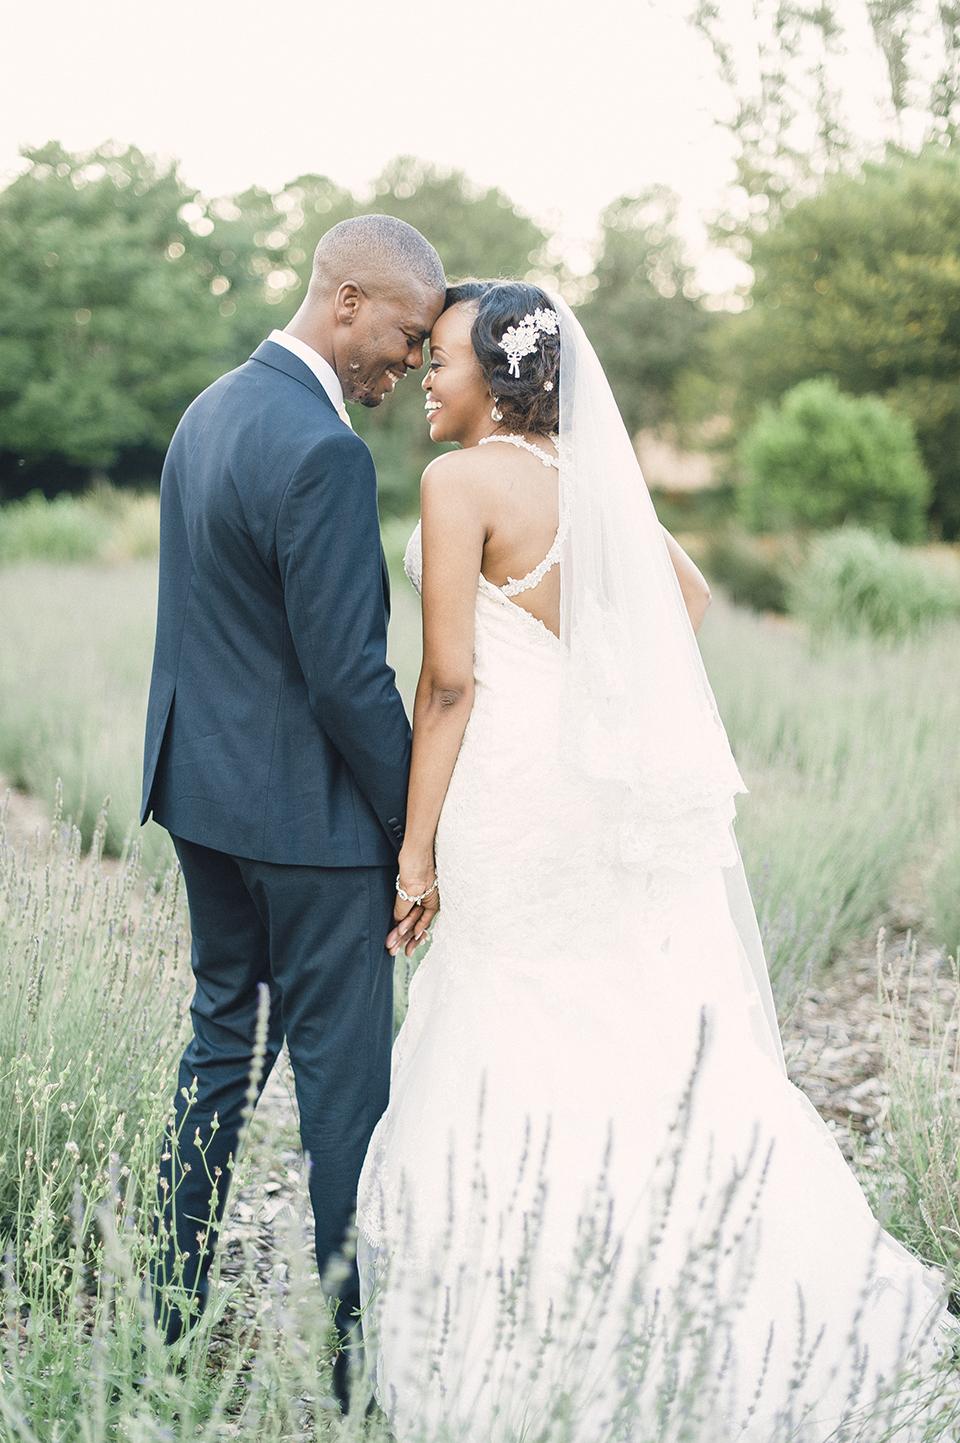 RyanParker_WeddingPhotographer_FineArt_CapeTown_Johannesburg_Hermanus_Avianto_T&L_DSC_9271.jpg